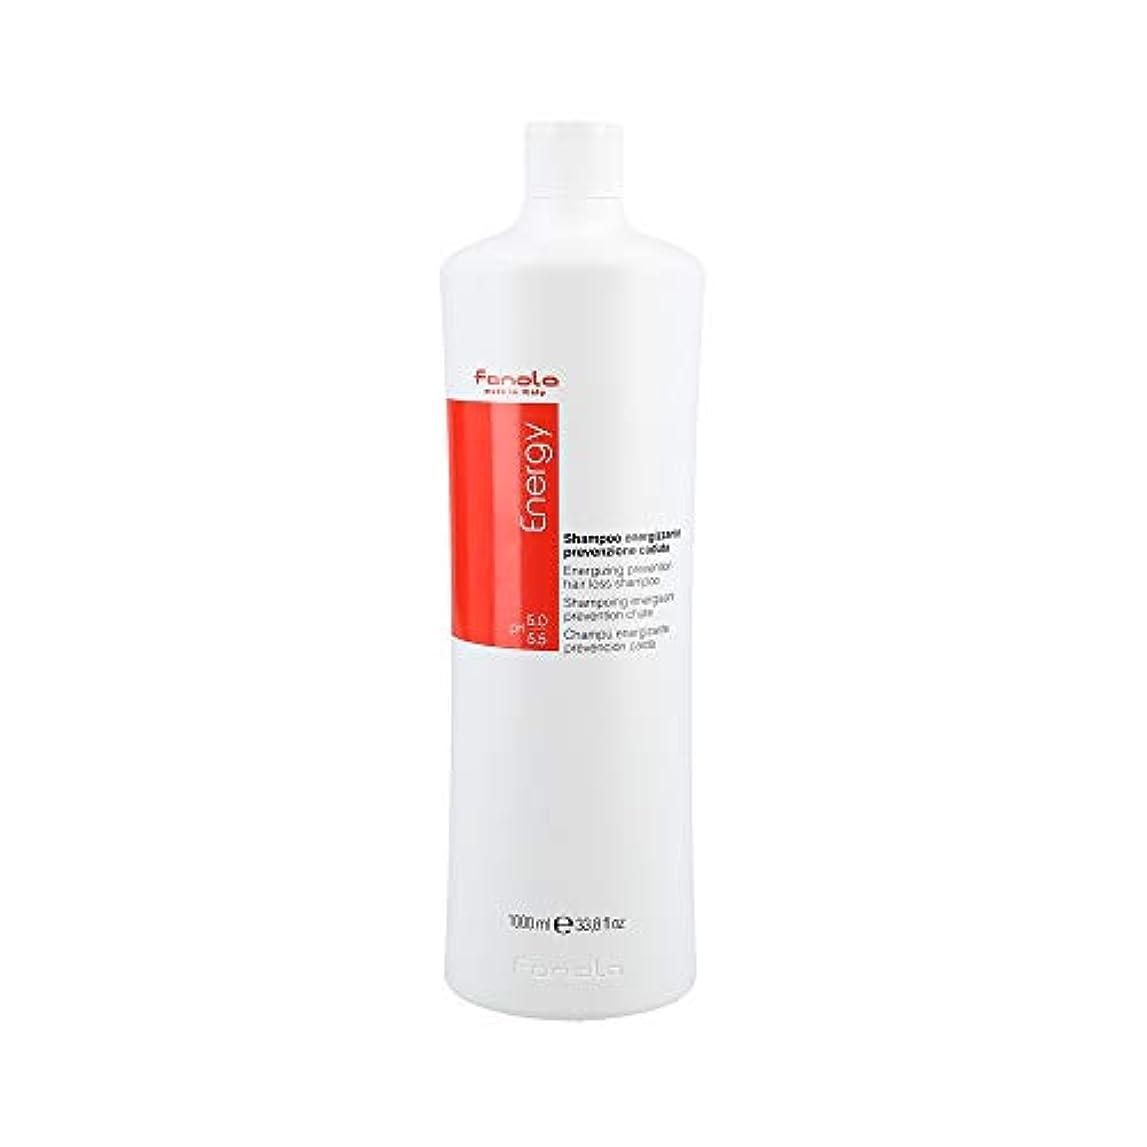 不規則性負強大なファノーラシャンプーENERGY活性化脱毛防止1000mL 1L - 脱毛 - 弱い、上質な髪用